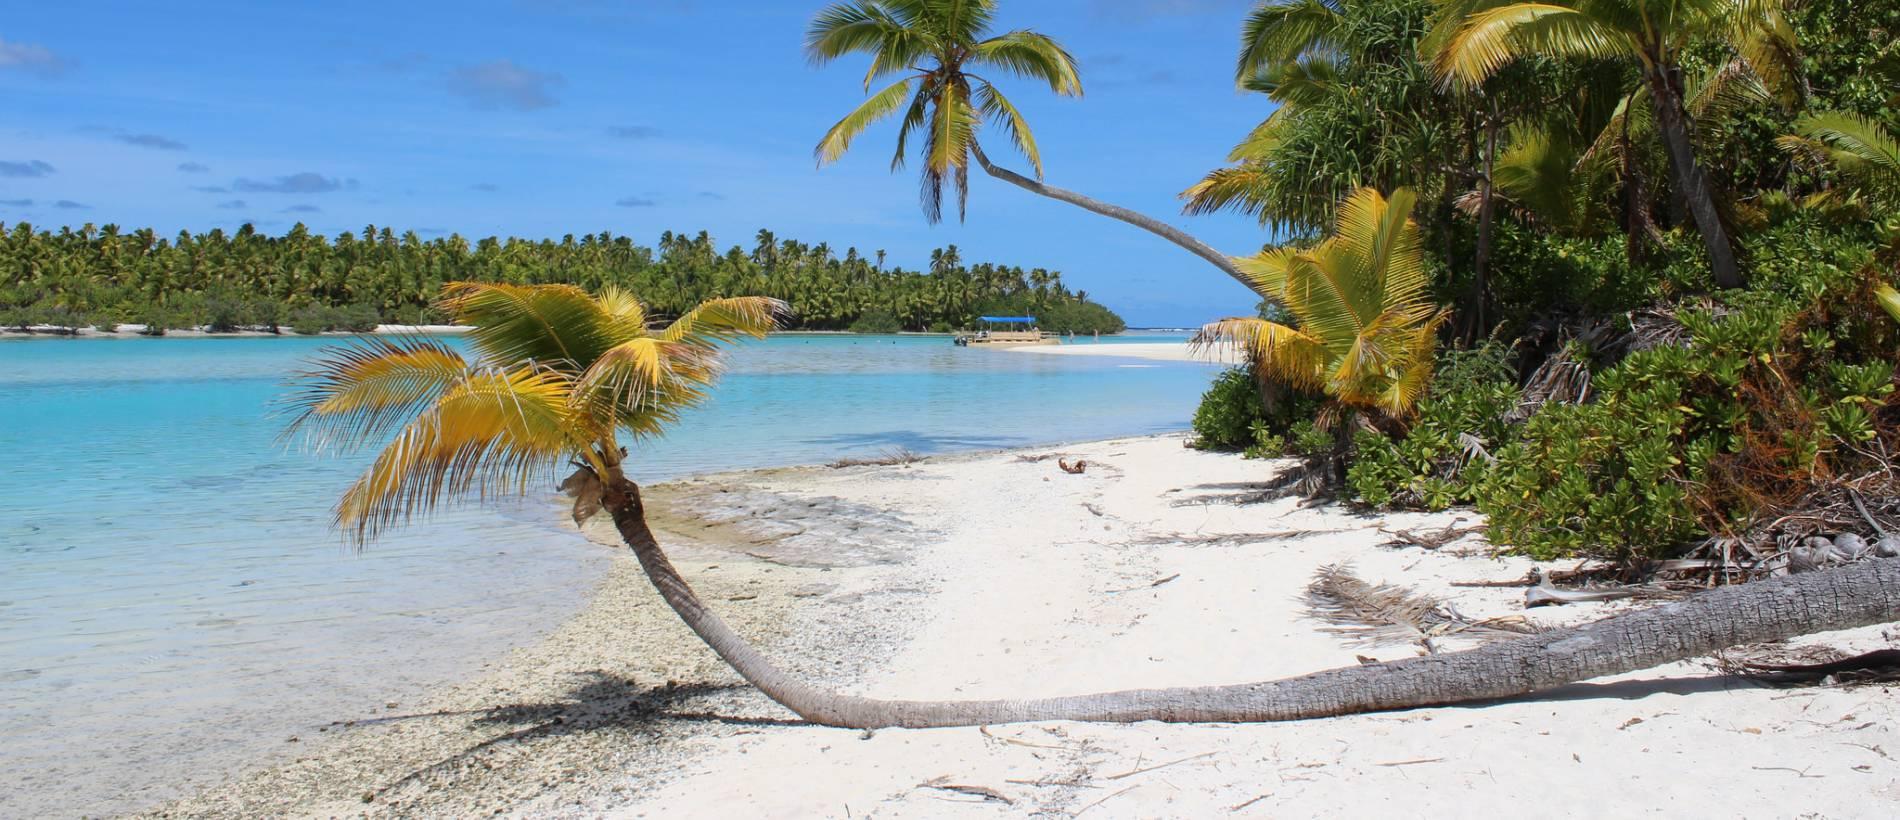 คู่มือ ท่องเที่ยว หมู่เกาะ คุก